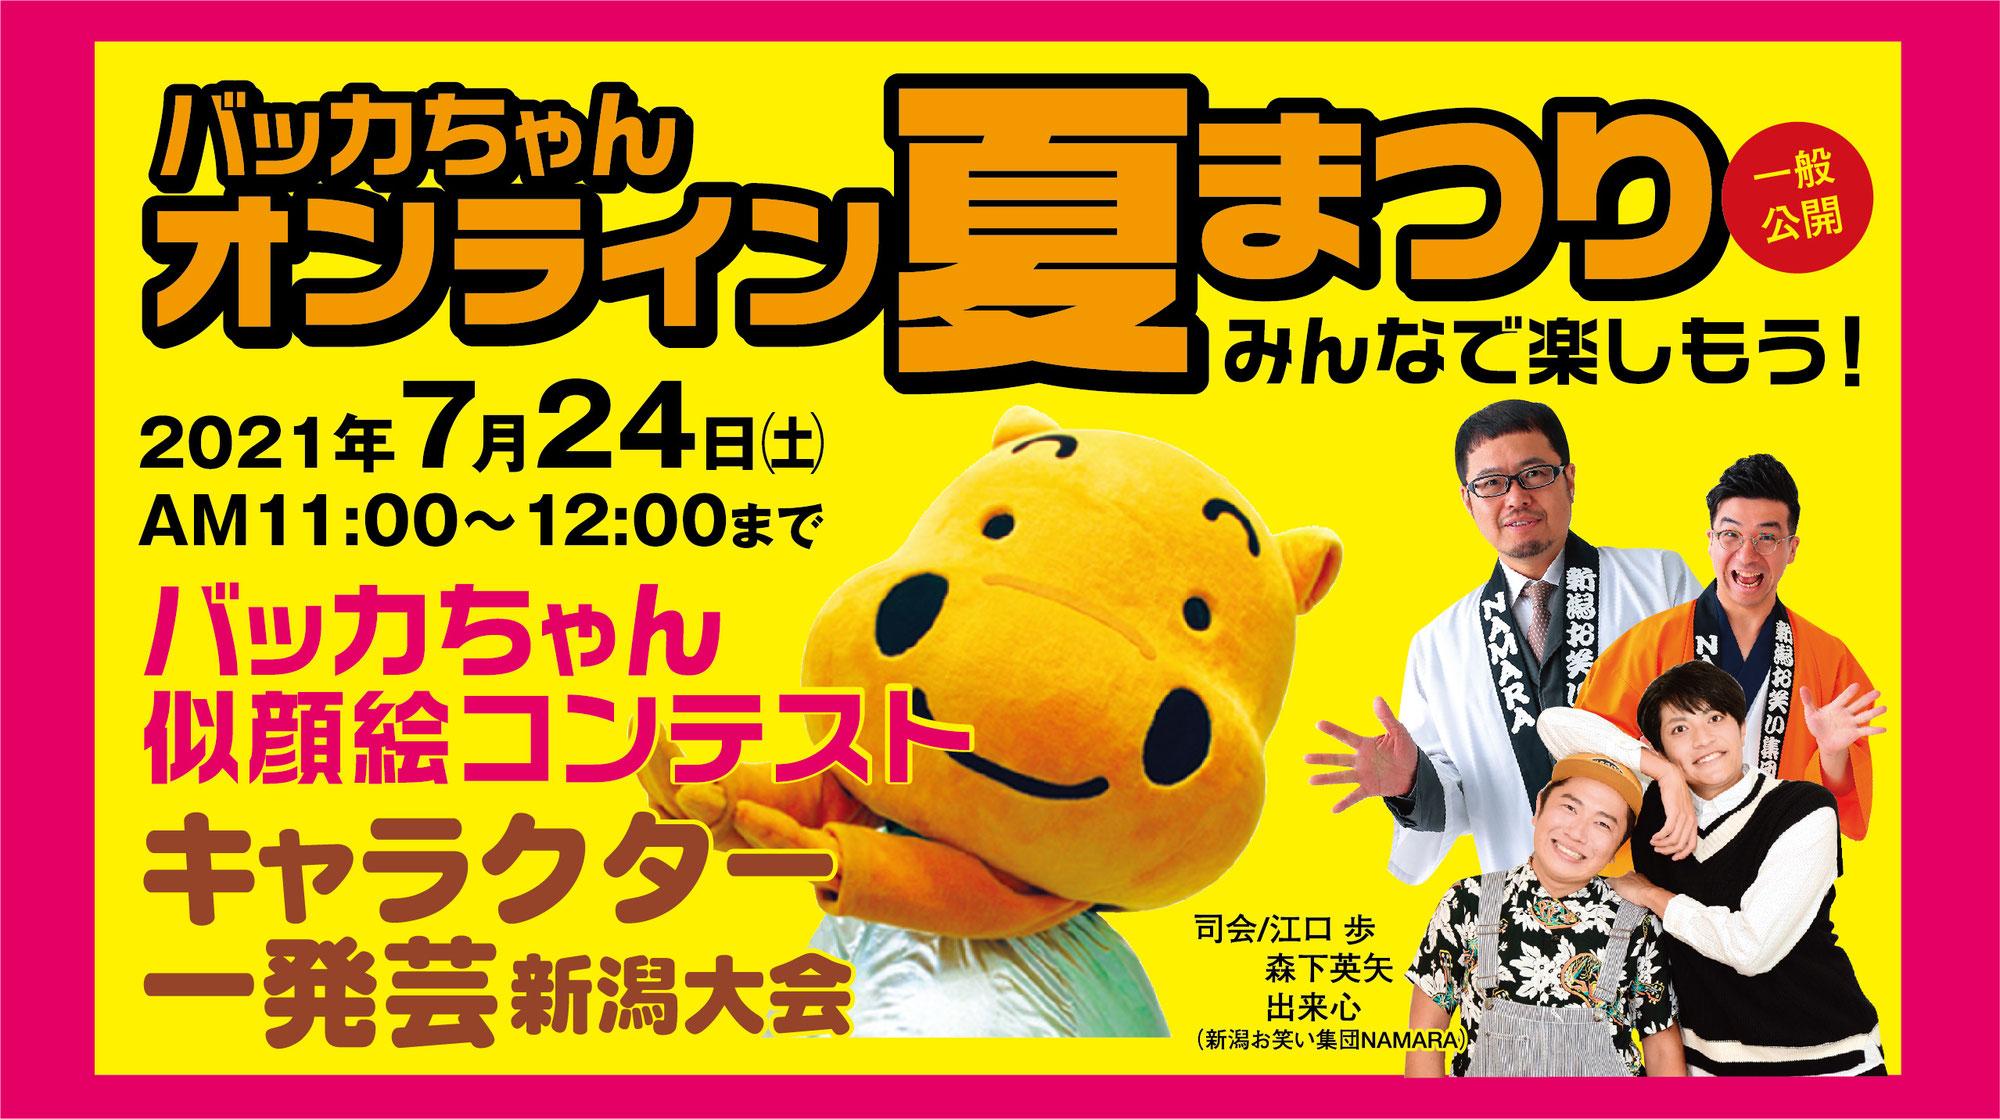 バッカちゃんのオンライン夏まつり2021開催